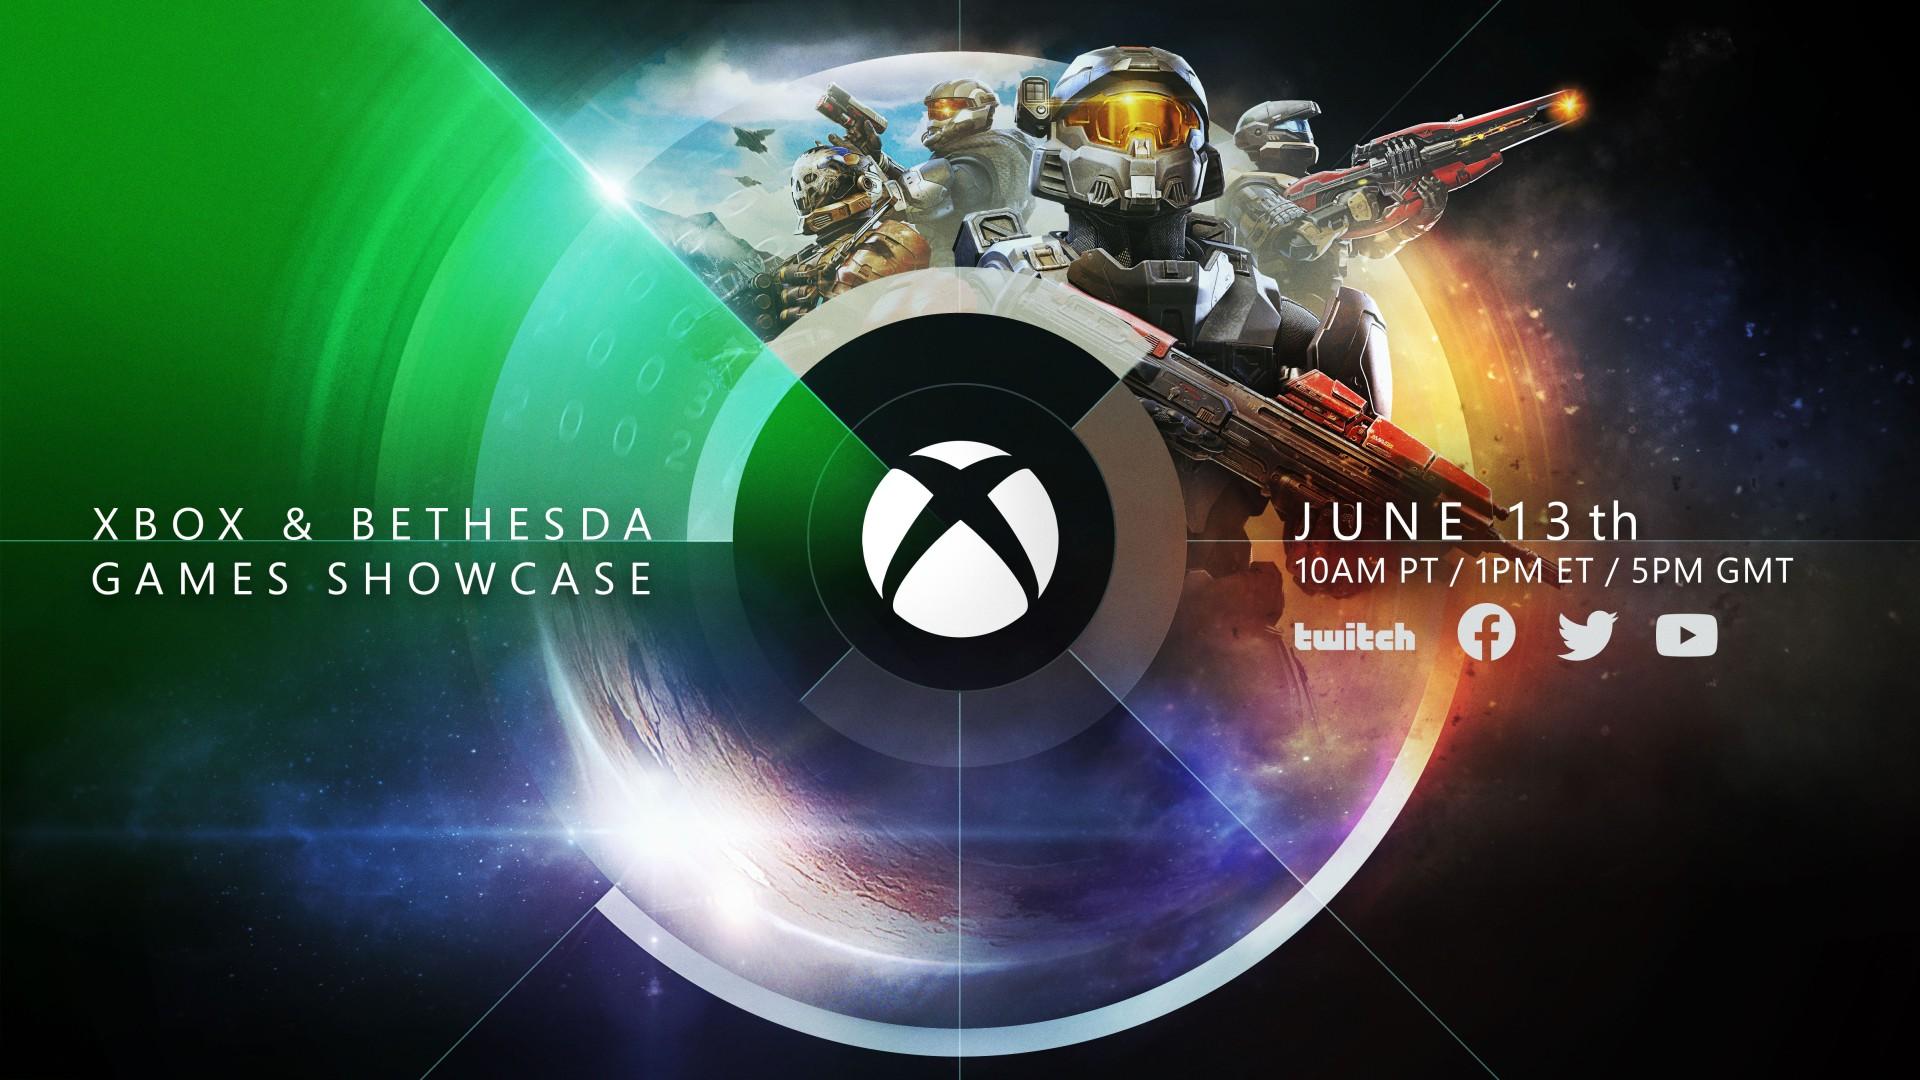 Conférence E3 Xbox et Bethesda ce dimanche : ce que l'on peut en attendre